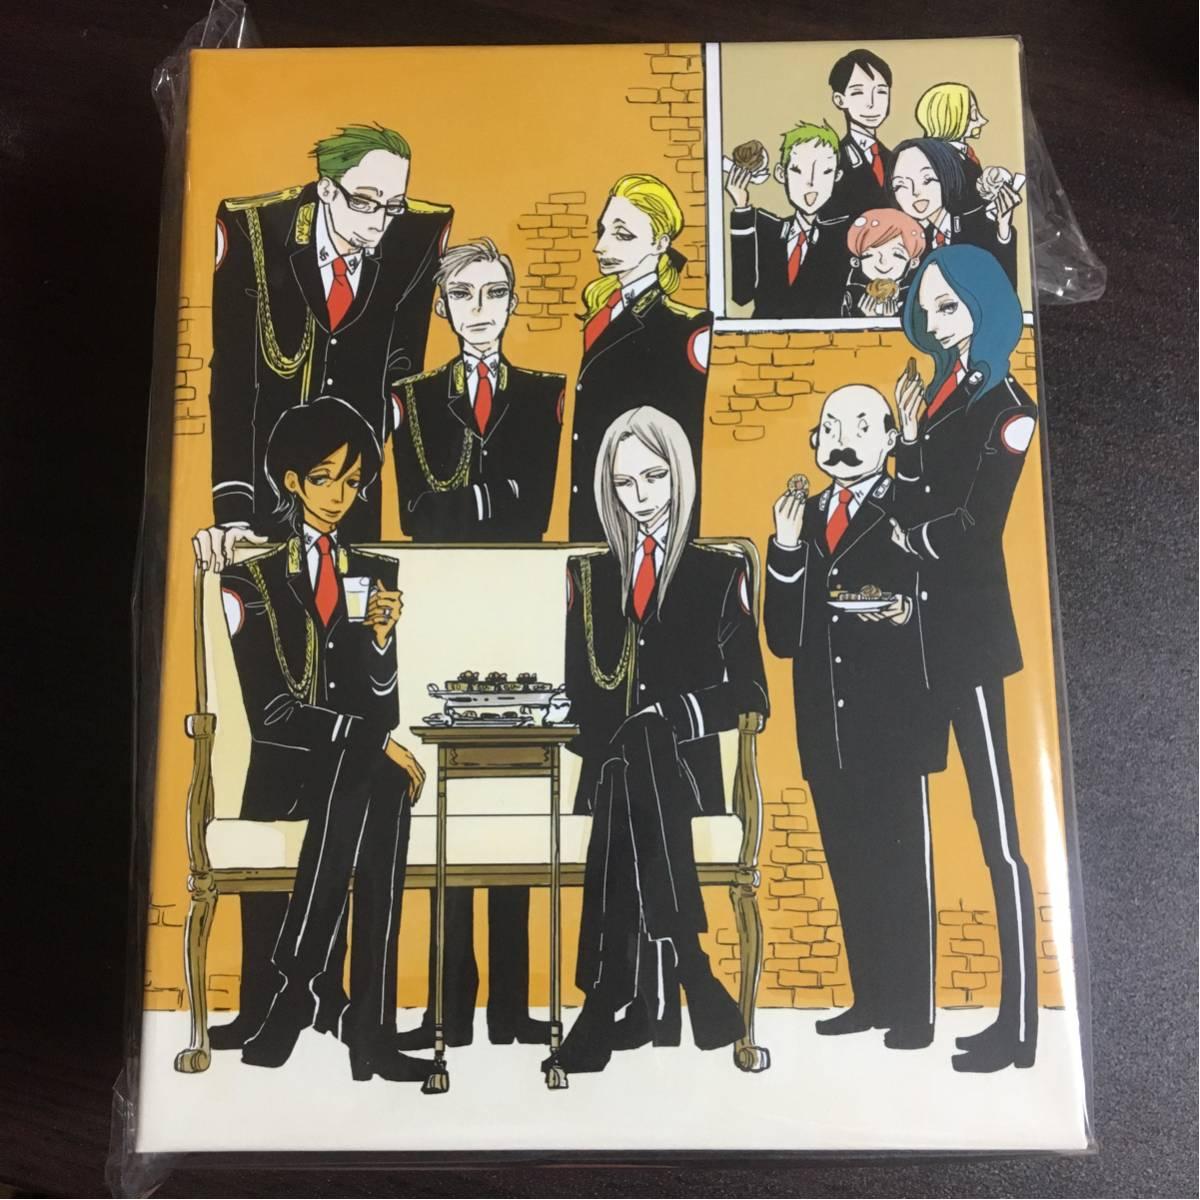 即決 ACCA13区監察課 Blu-ray BOX 特装限定版 特典描き下ろし全巻収納BOX グッズの画像